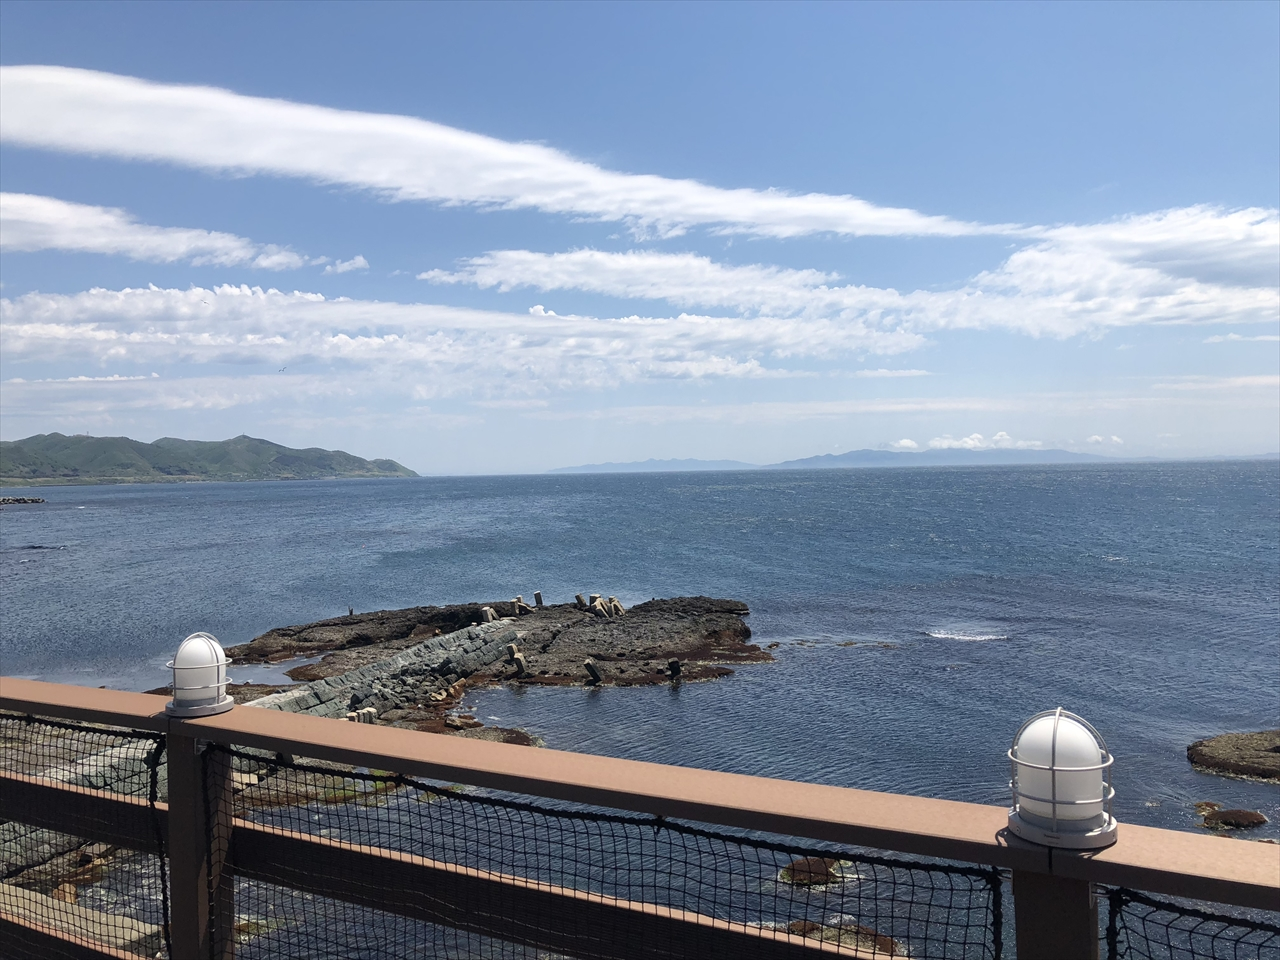 テラス眼下には日本遺産に指定された「福山波止場」があります。